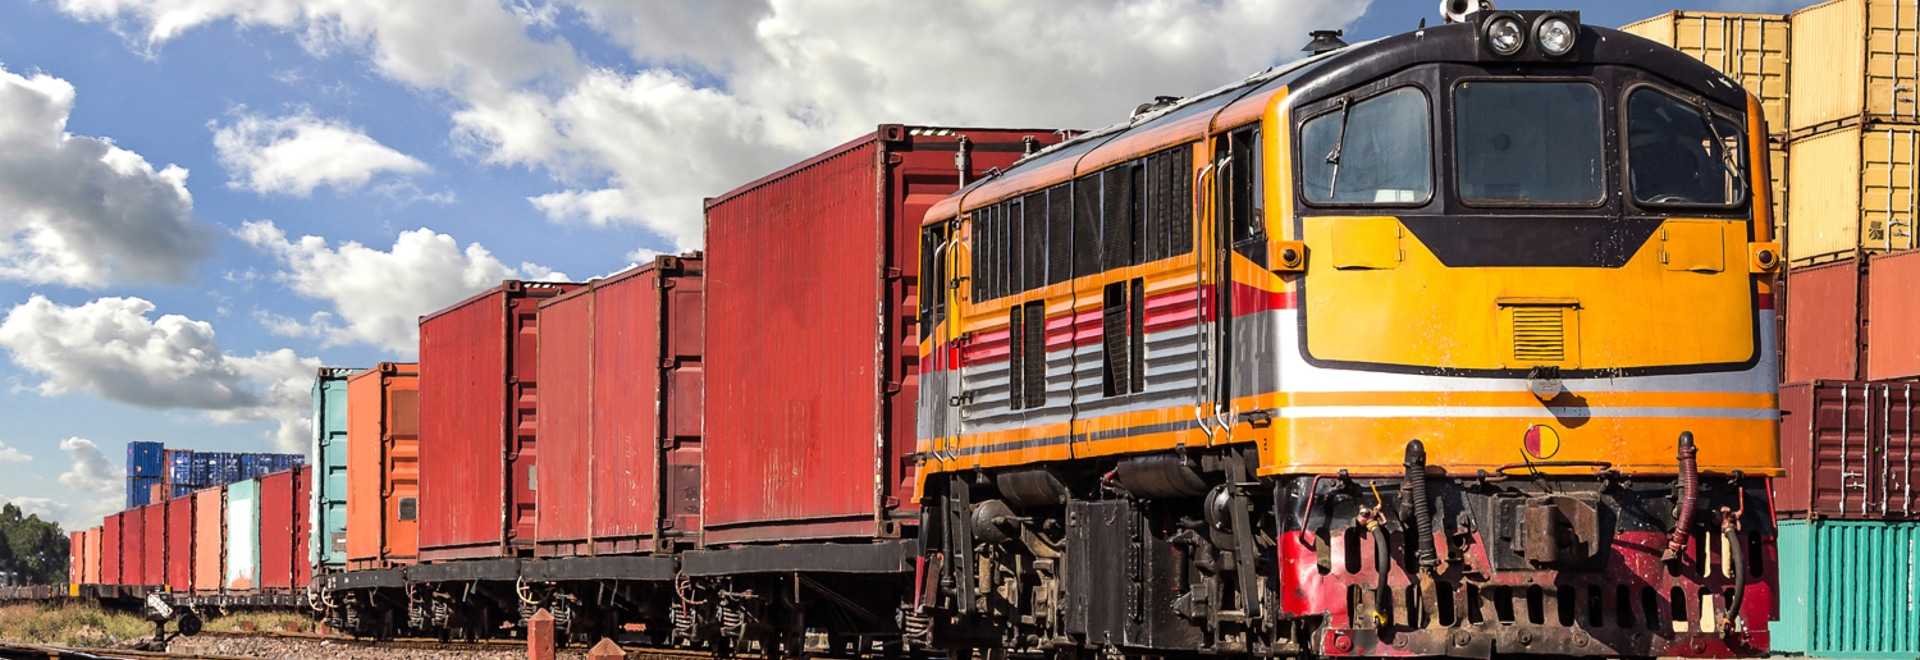 CSX y CN se preparan para lanzar un nuevo servicio de transporte intermodal de mercancías en una empresa conjunta